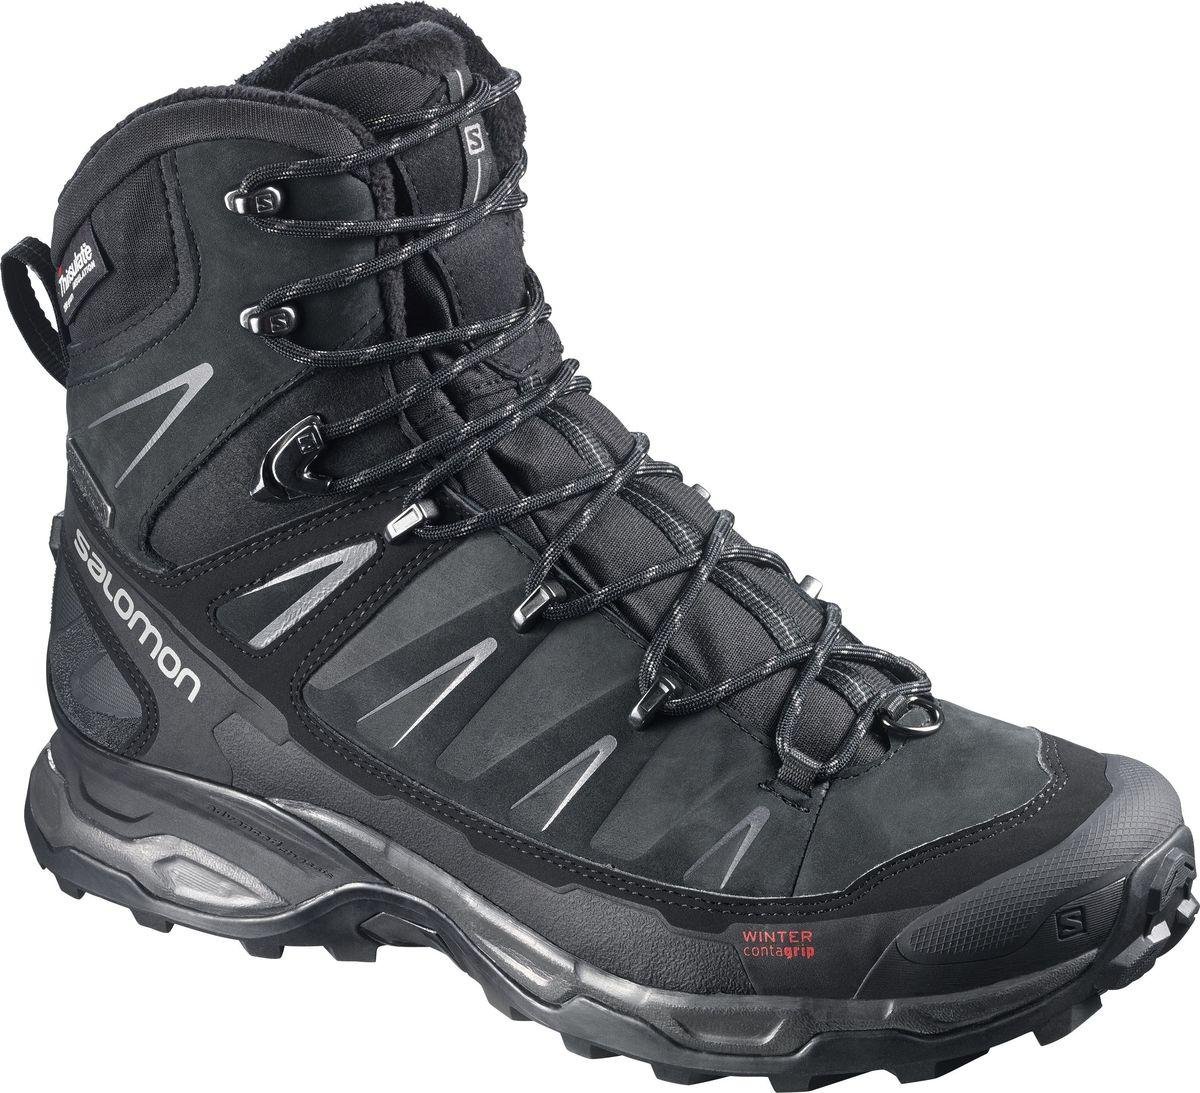 Ботинки мужские Salomon X Ultra Winter CS WP, цвет: черный. L37663500. Размер 12,5 (46,5)L37663500Ботинки X Ultra Winter CS хорошо защищают ноги в зимних условиях, обеспечивая новый уровень удобства посадки и качества. Легкая, поддерживающая стопу промежуточная подошва с шасси Advanced Chassis, непромокаемая конструкция и утеплитель Thinsulate сохранят тепло и сухость, а агрессивный рисунок подошвы подарит уверенность на мокрой, снежной или обледенелой поверхности.